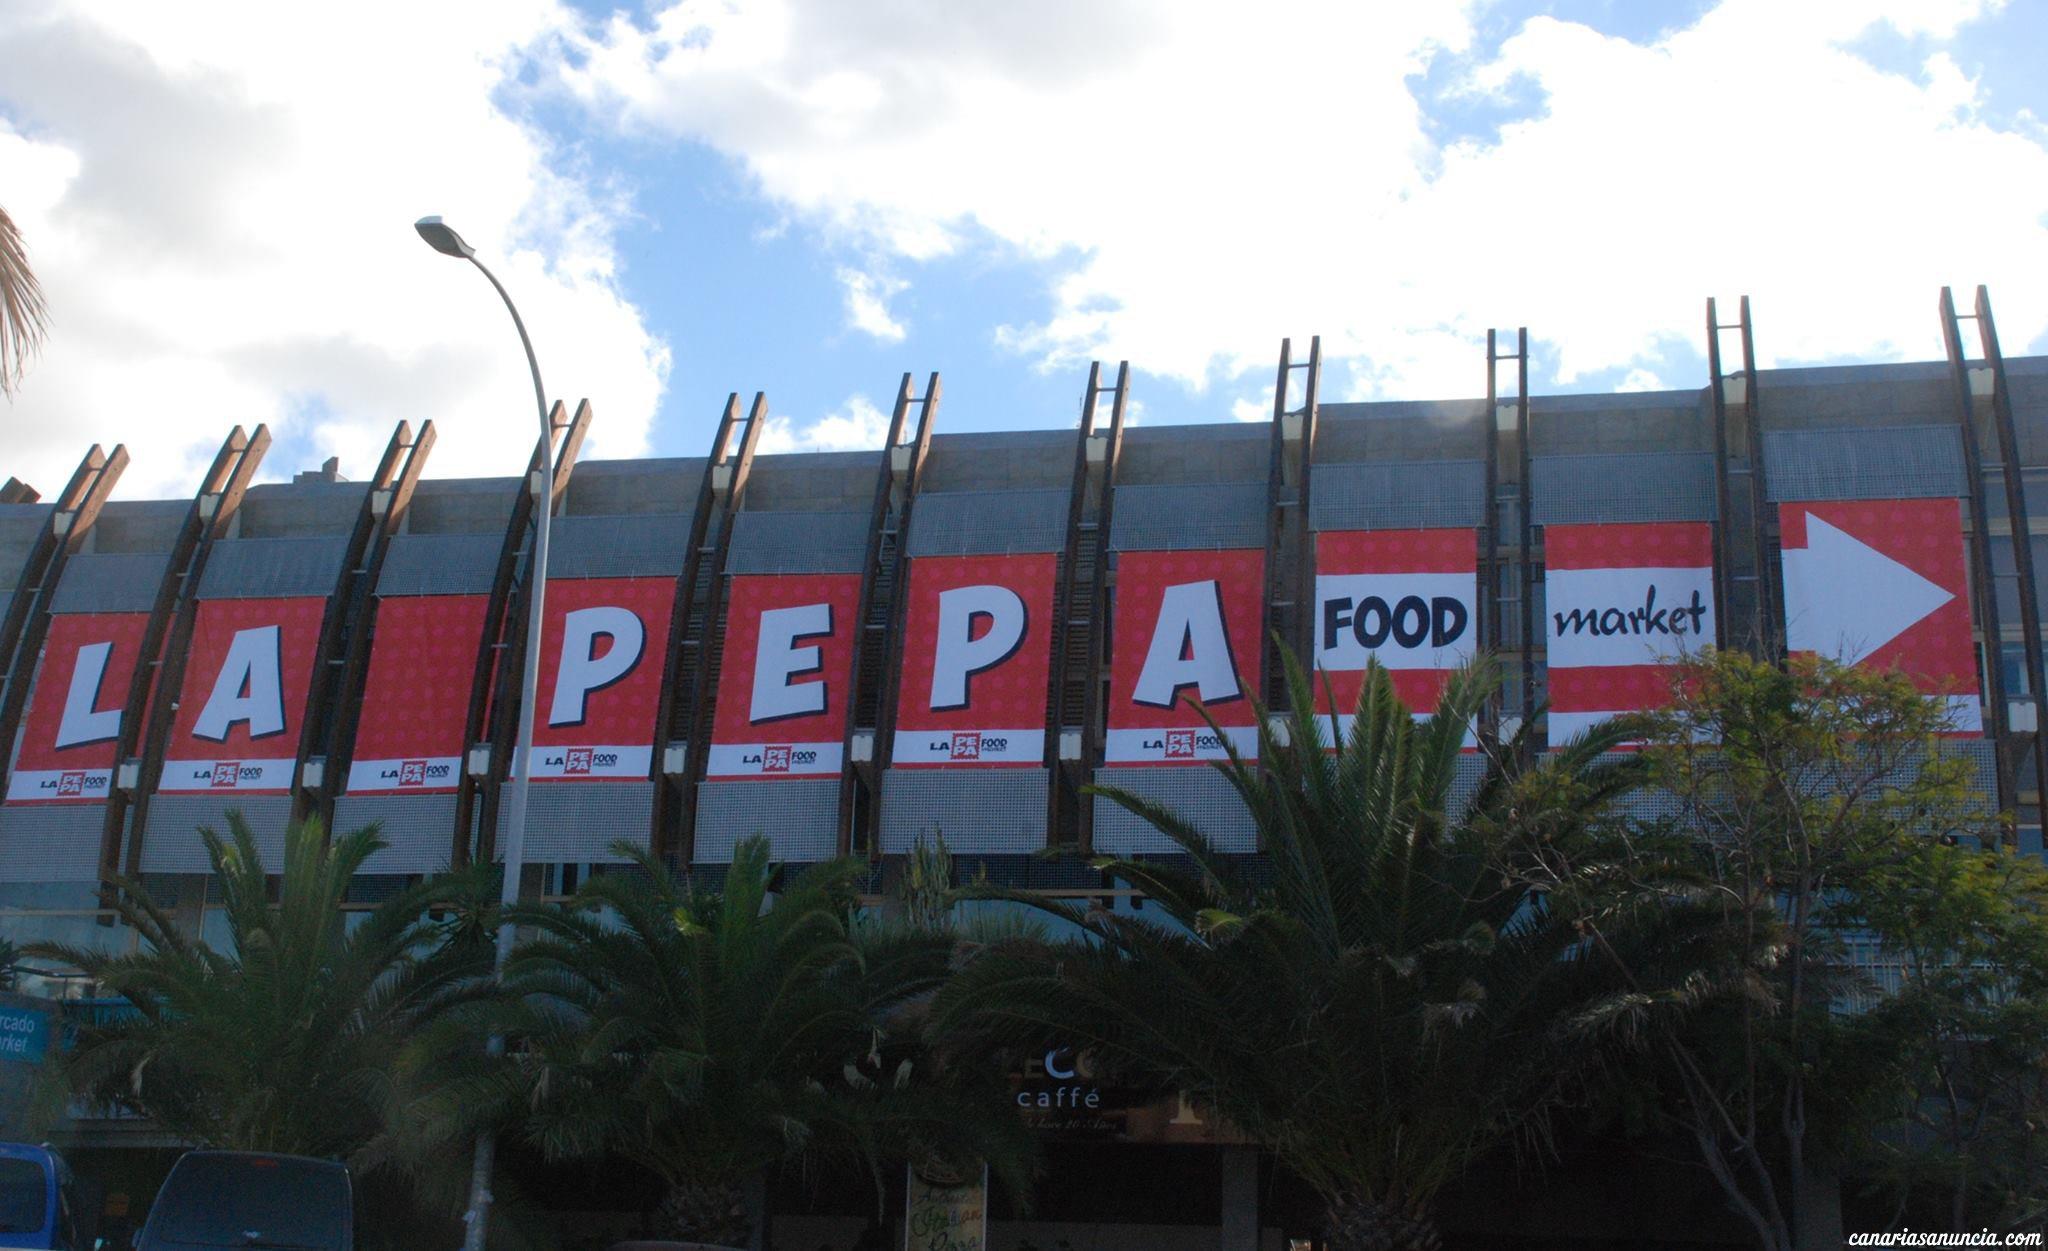 La Pepa Food Market - 0_29940_1